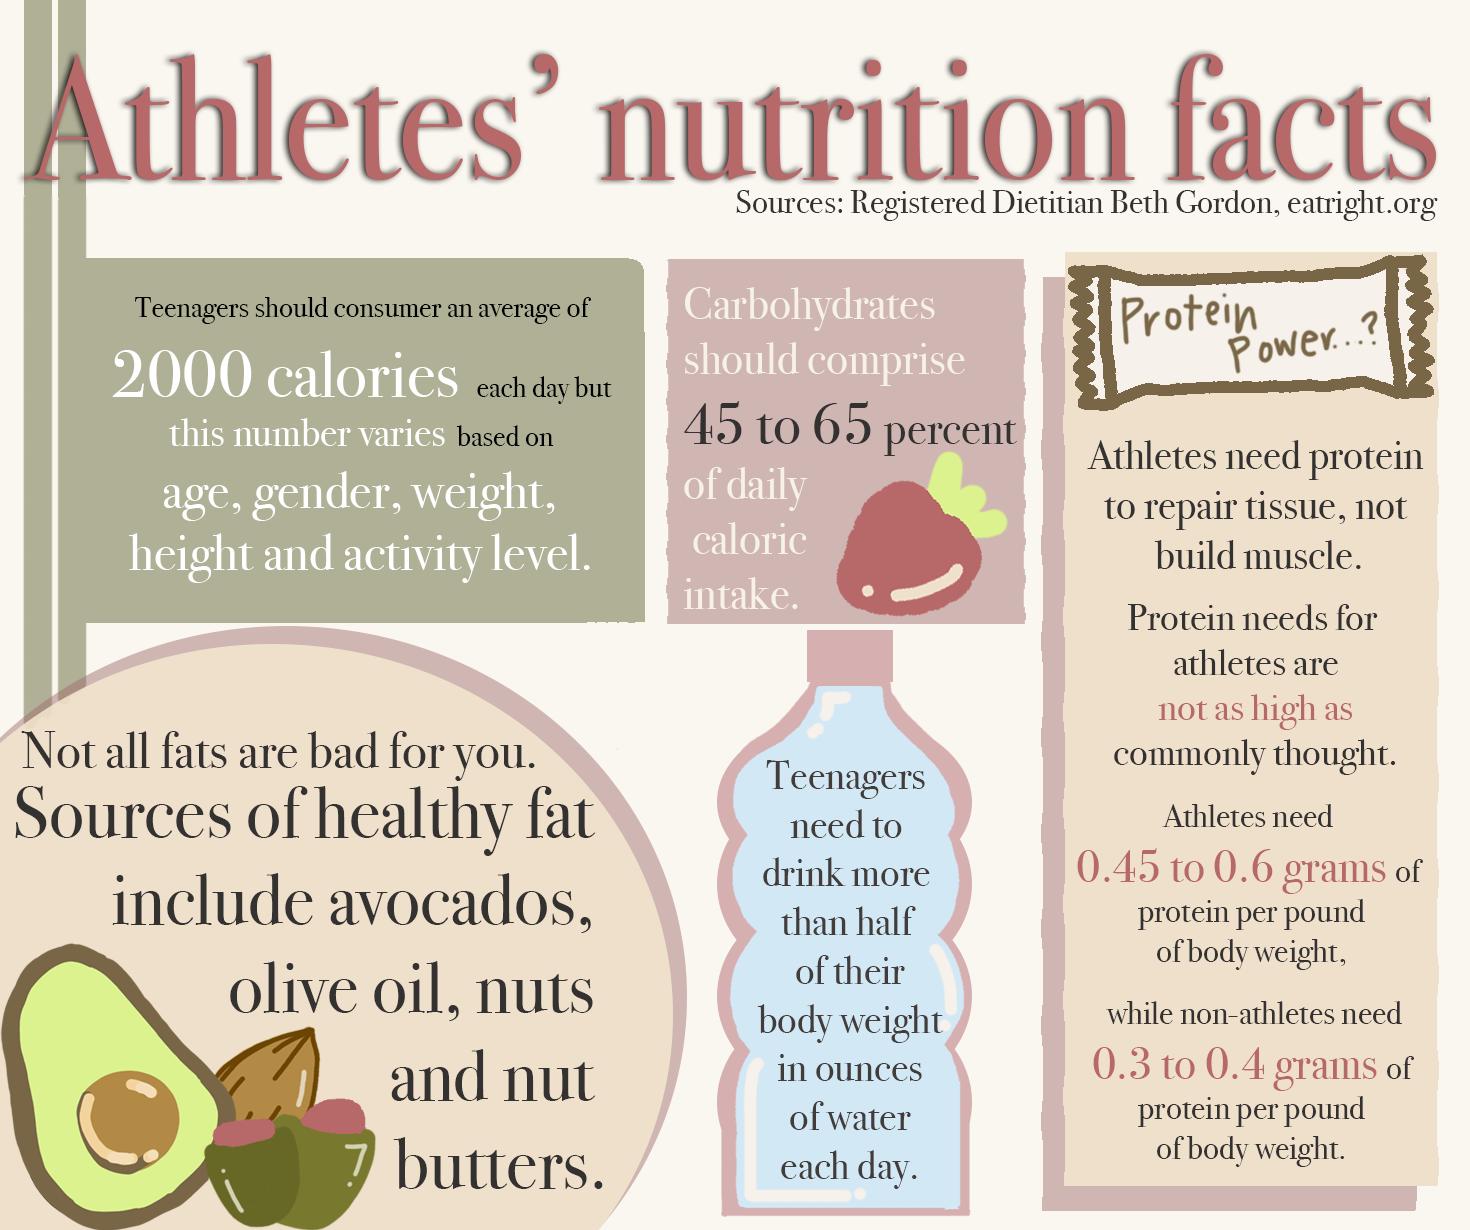 Infographic by Laaiba Mahmood